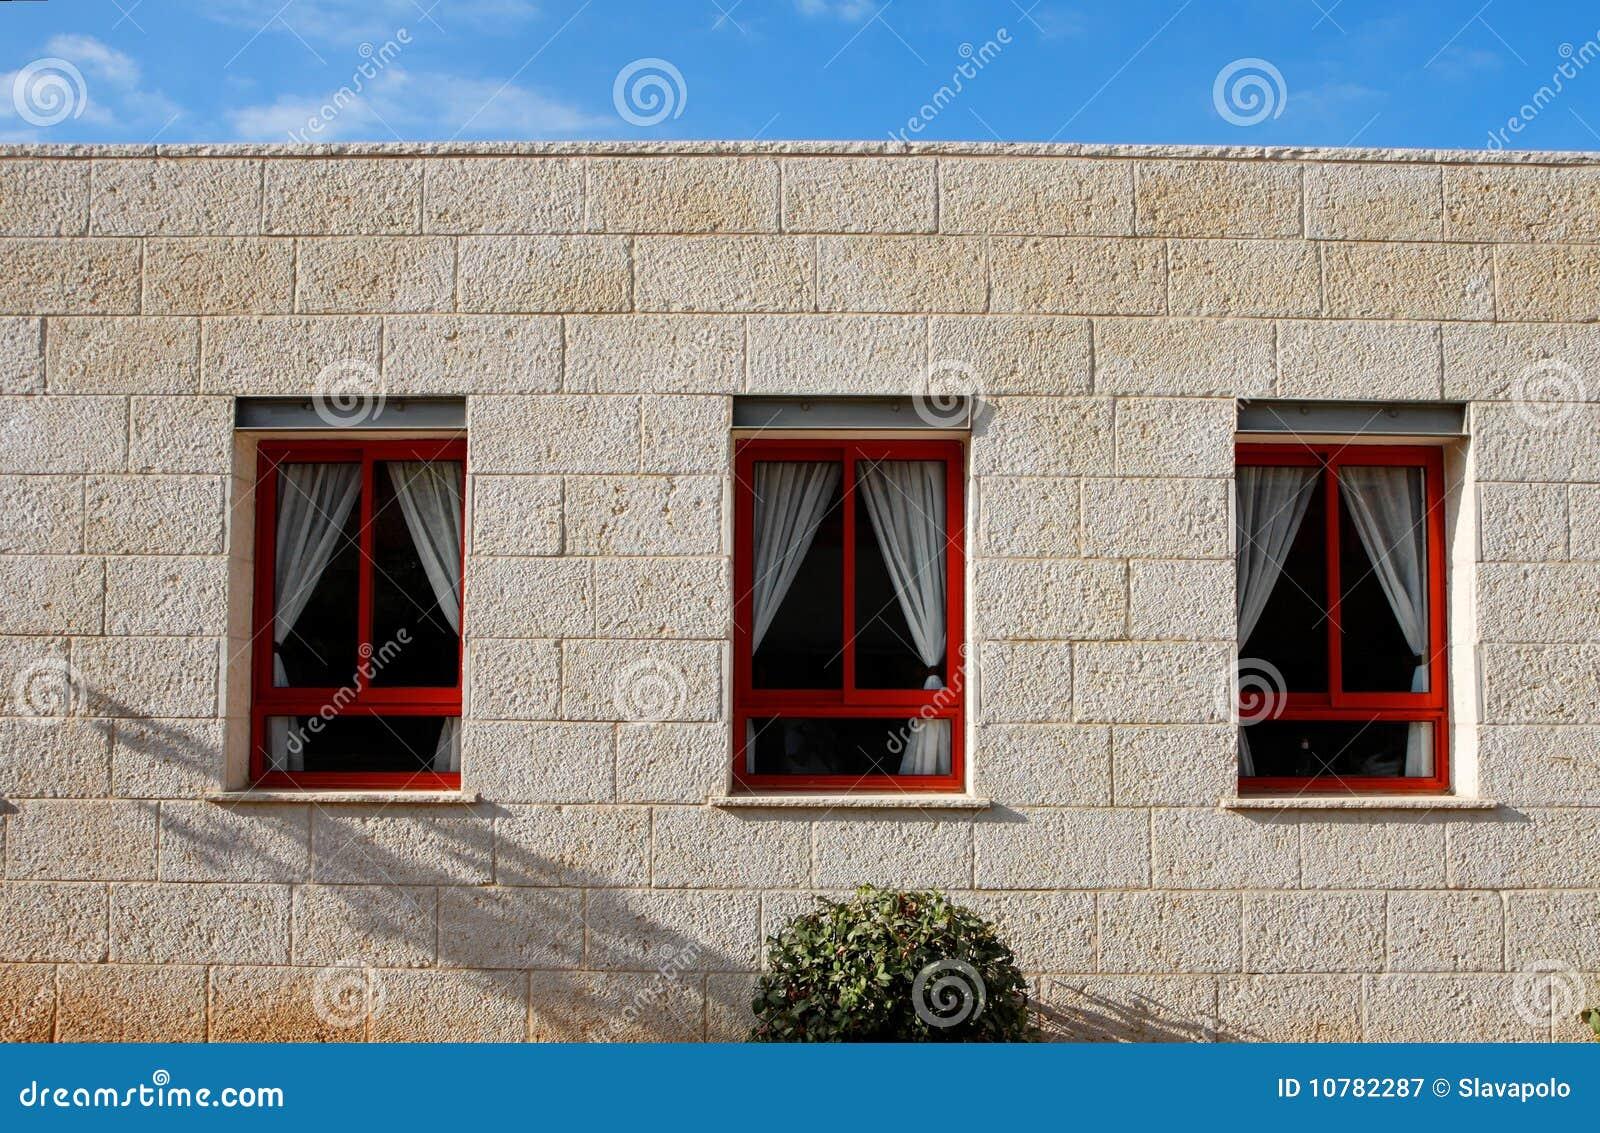 De muur van de steen van het huis met drie vensters